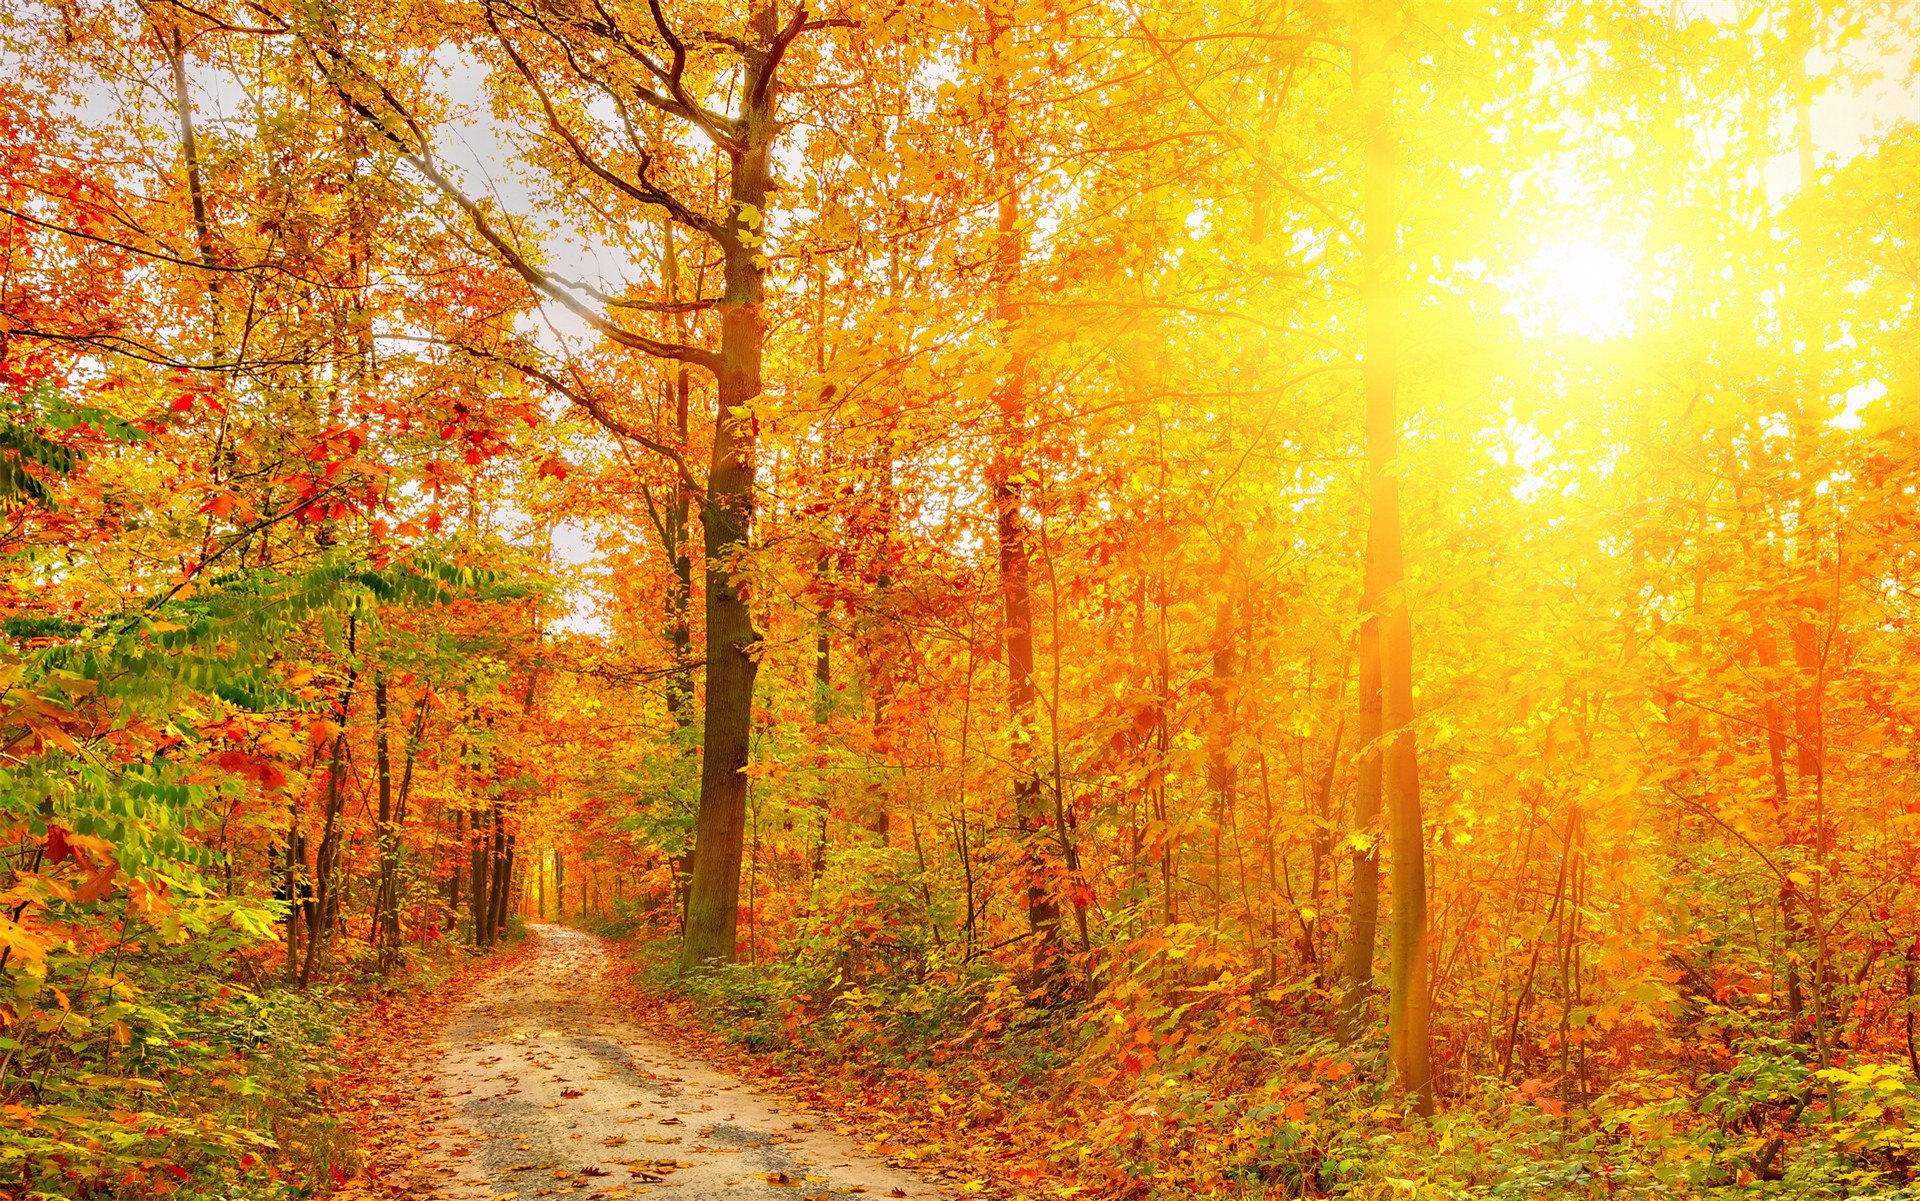 生活充满阳光的情感励志语录:你要相信世界美好